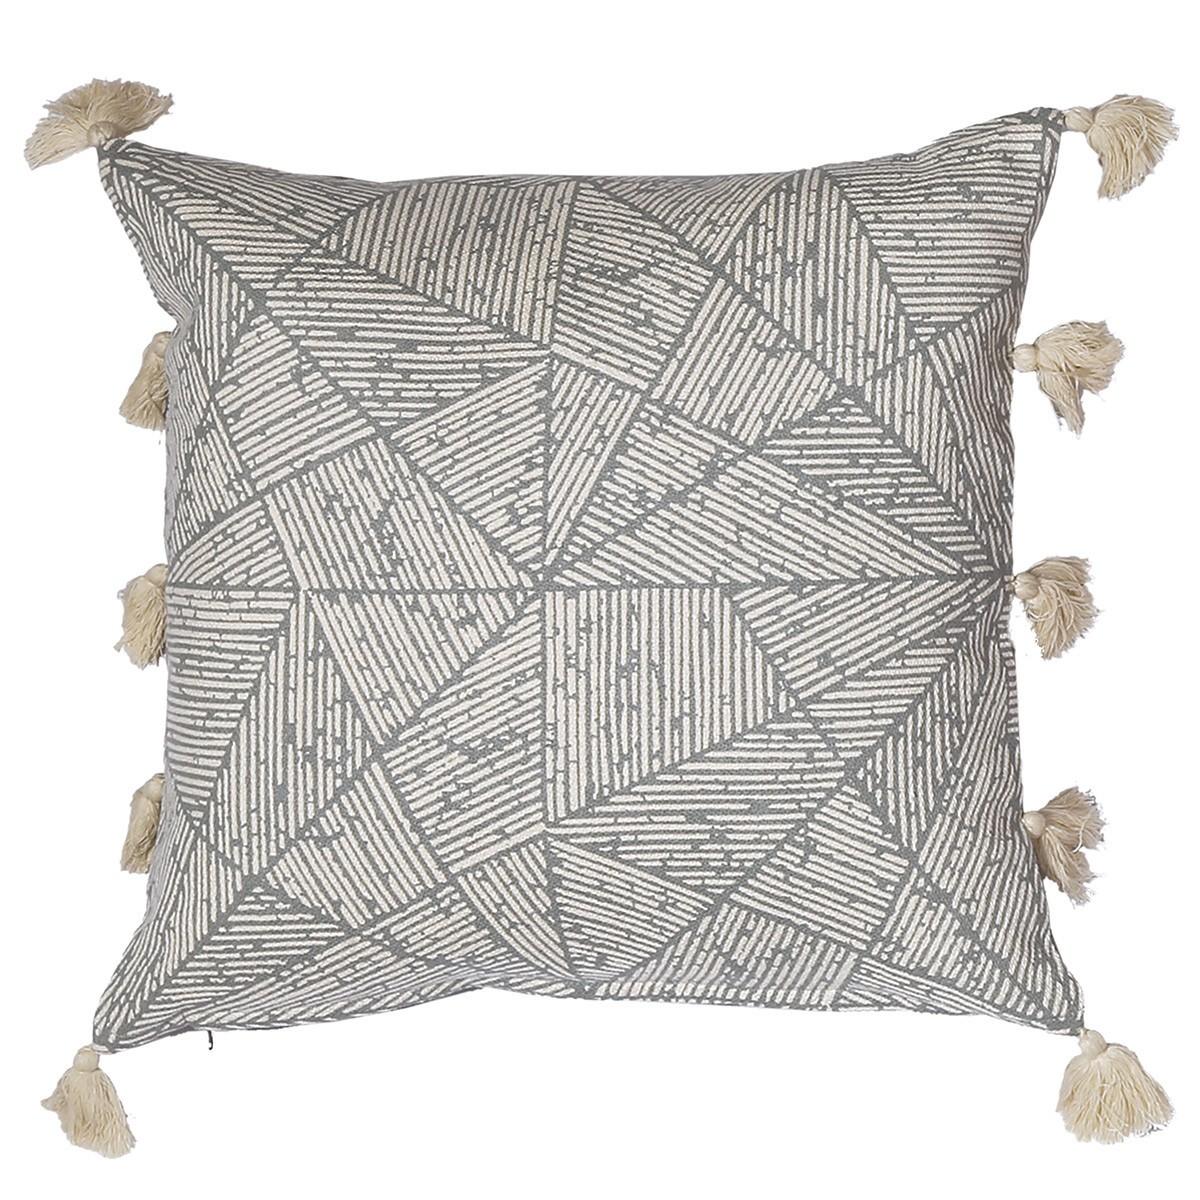 Διακοσμητικό Μαξιλάρι Nef-Nef Tiles Grey